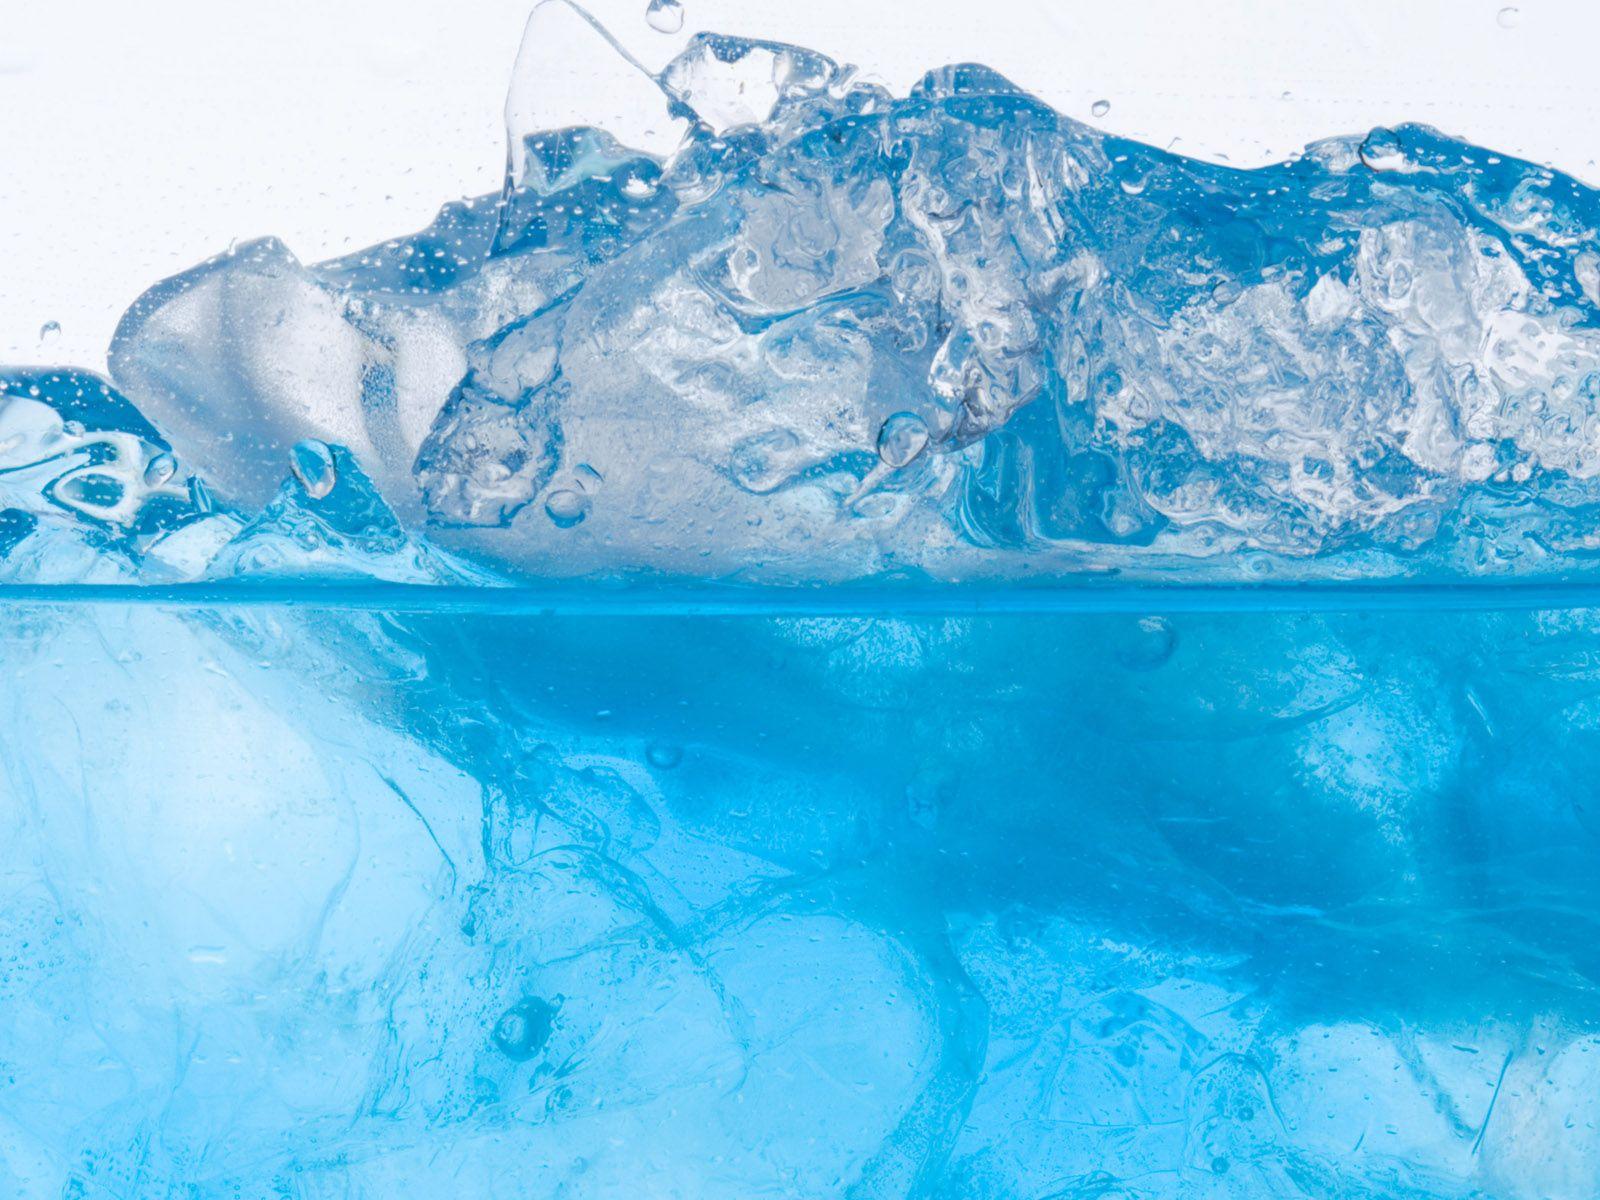 Напиток со льдом обои для рабочего стола скачать бесплатно 1600x1200